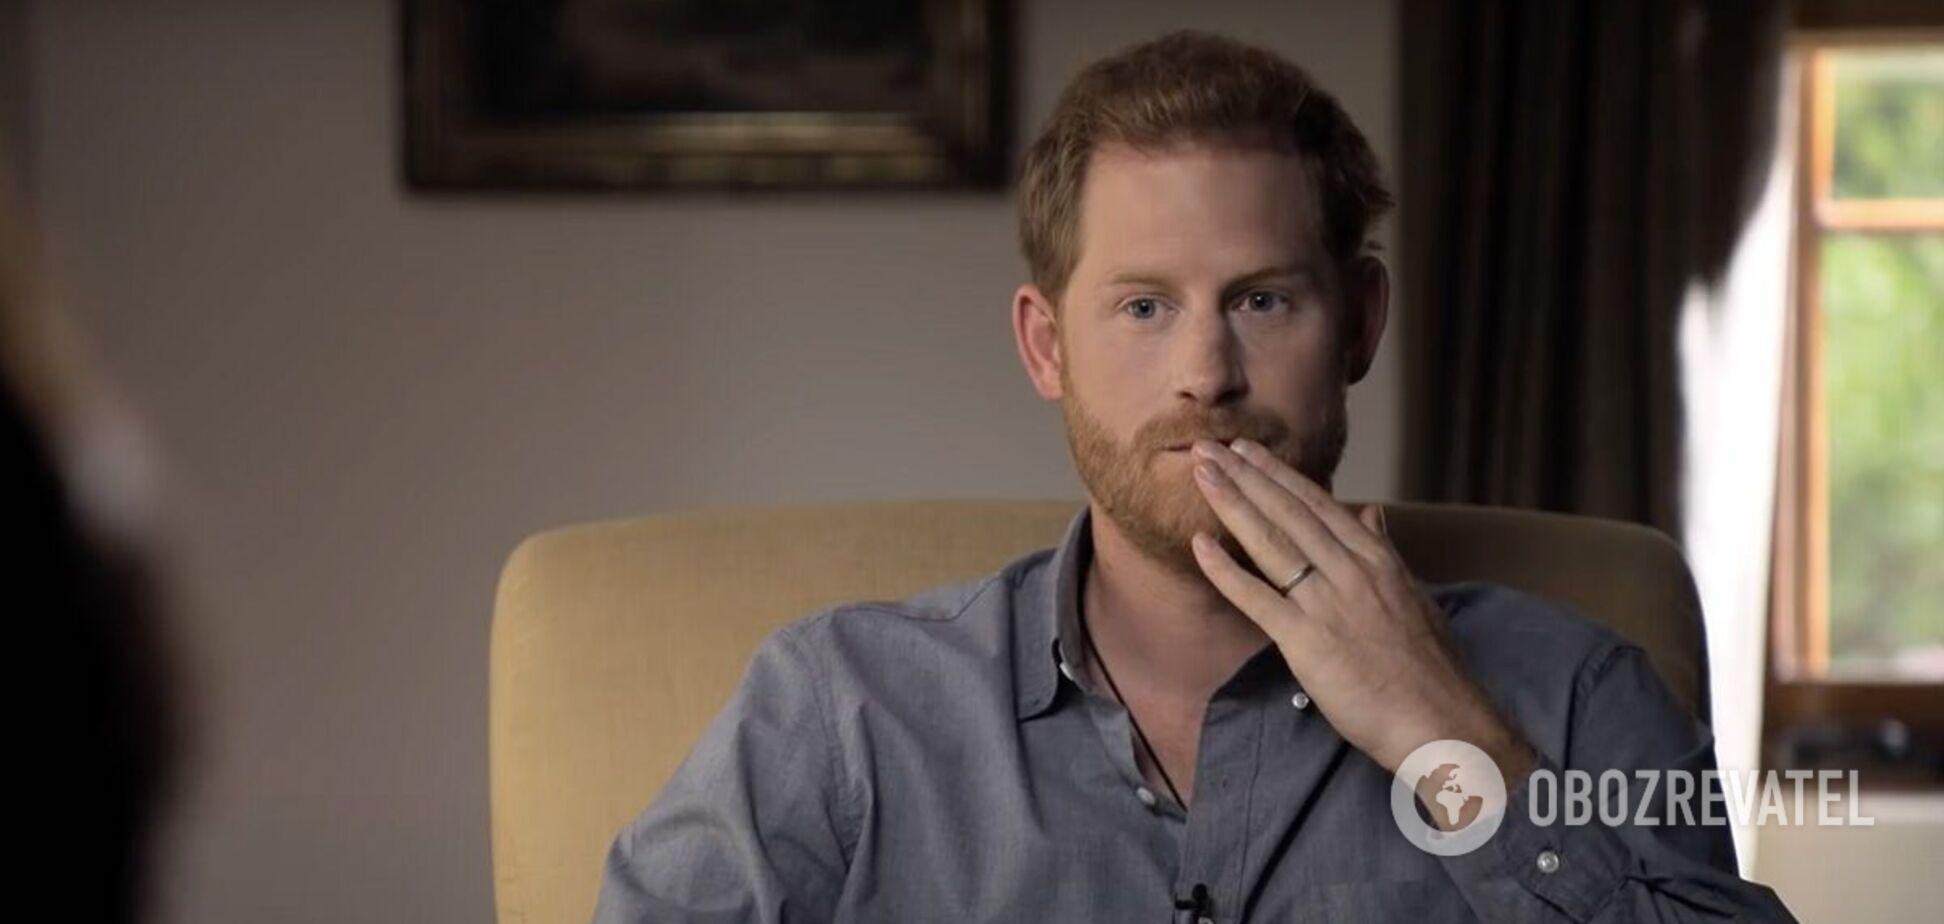 Принц Гаррі продав книгу про конфлікт із королівською родиною за 20 млн доларів